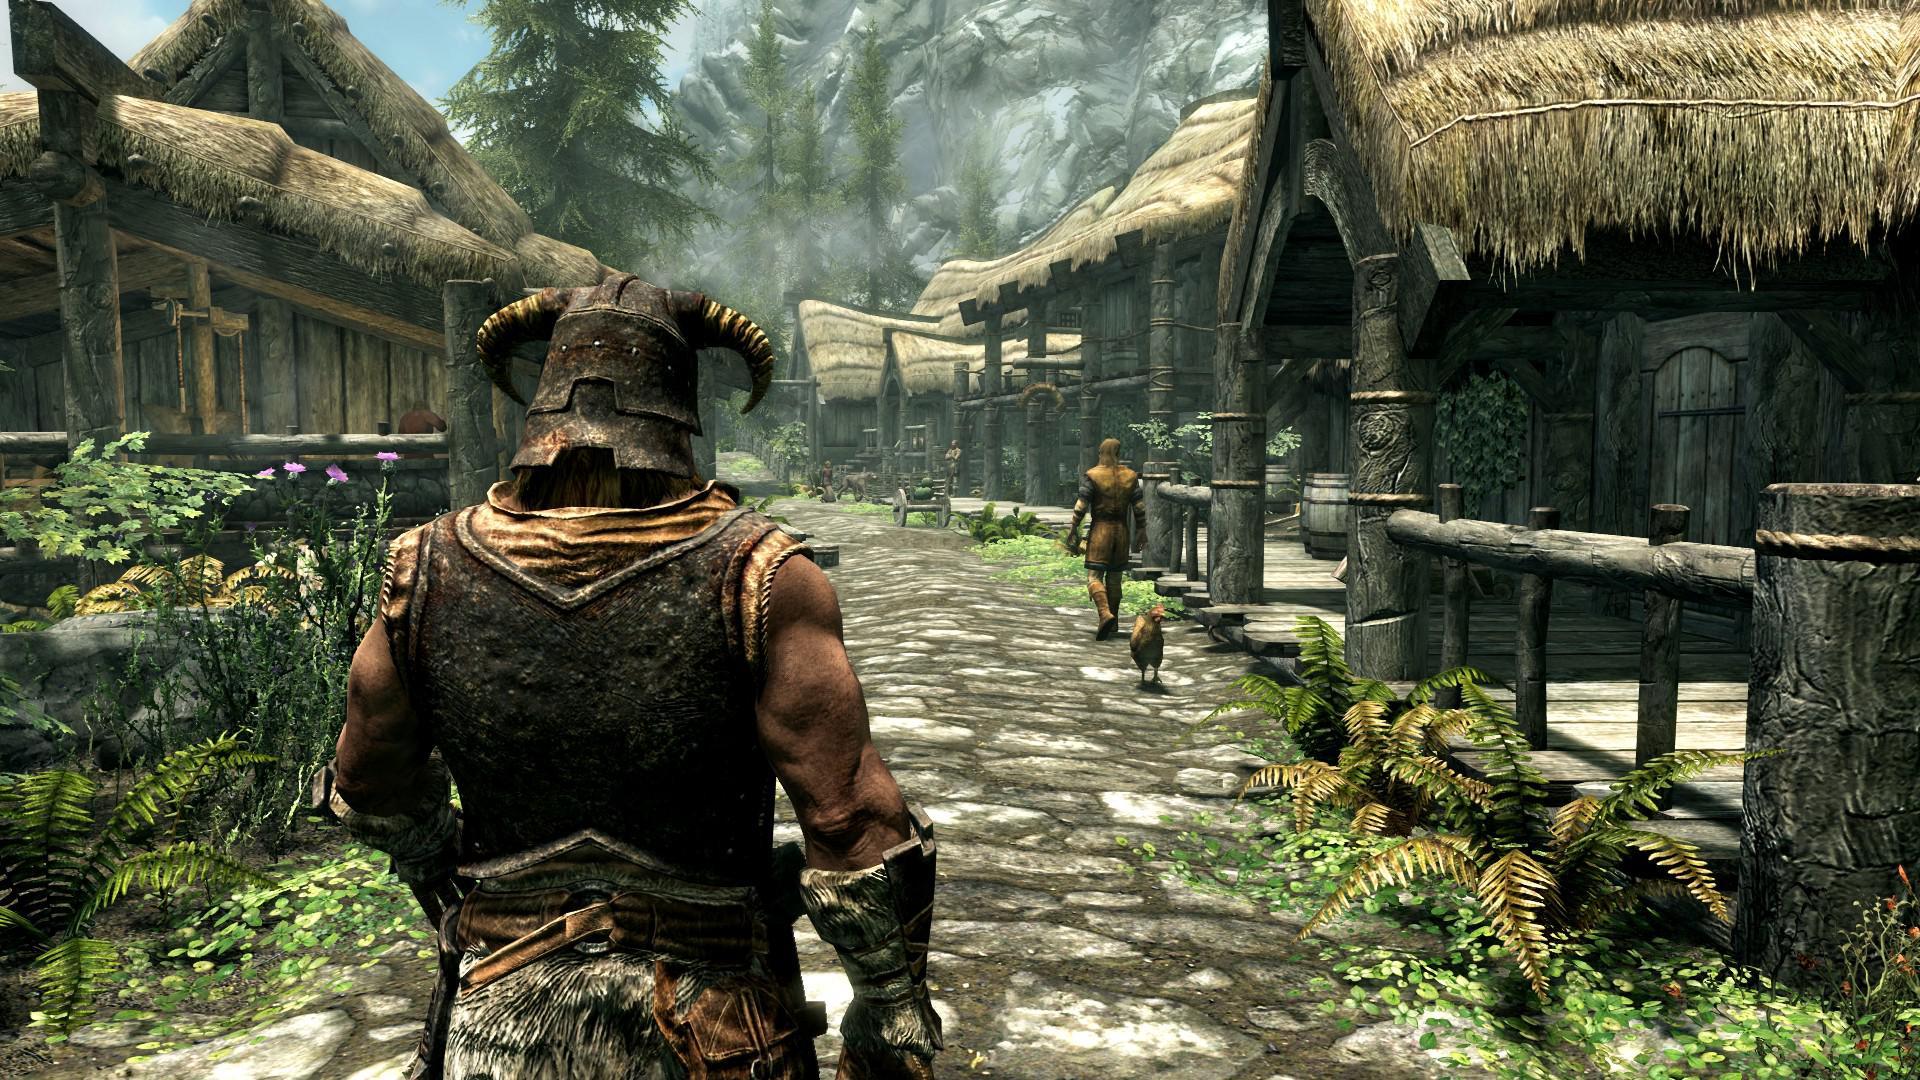 The Elder Scrolls V: Skyrim - Special Edition [v 1.2.39.0.8] (2016) PC | RePack от R.G. Механики - Скриншот 1